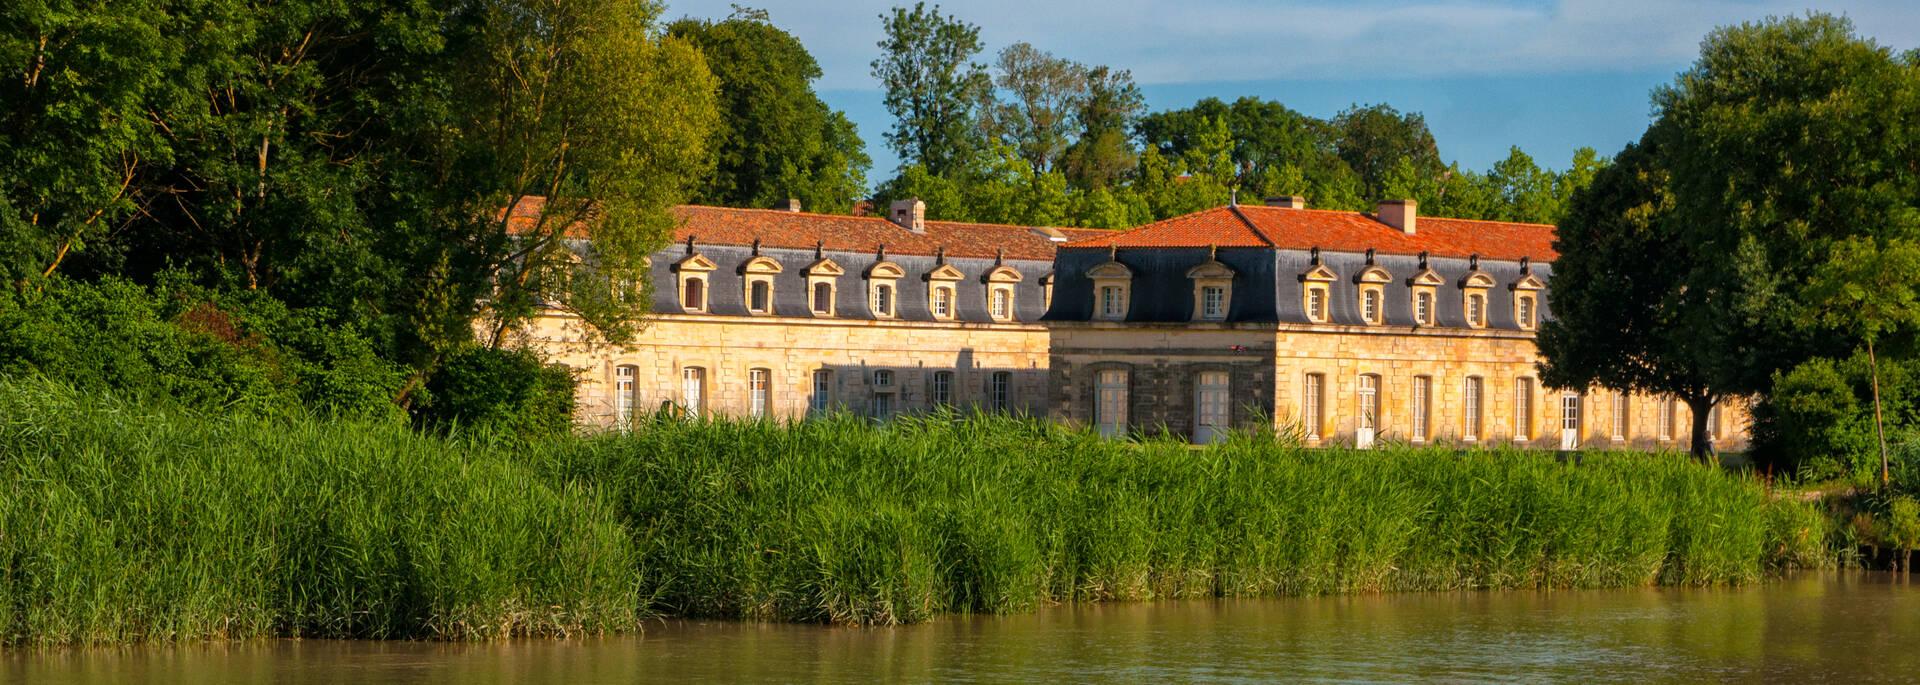 La Corderie Royale de Rochefort dans son décor Grand Site Estuaire de la Charente - © Vincent Edwell